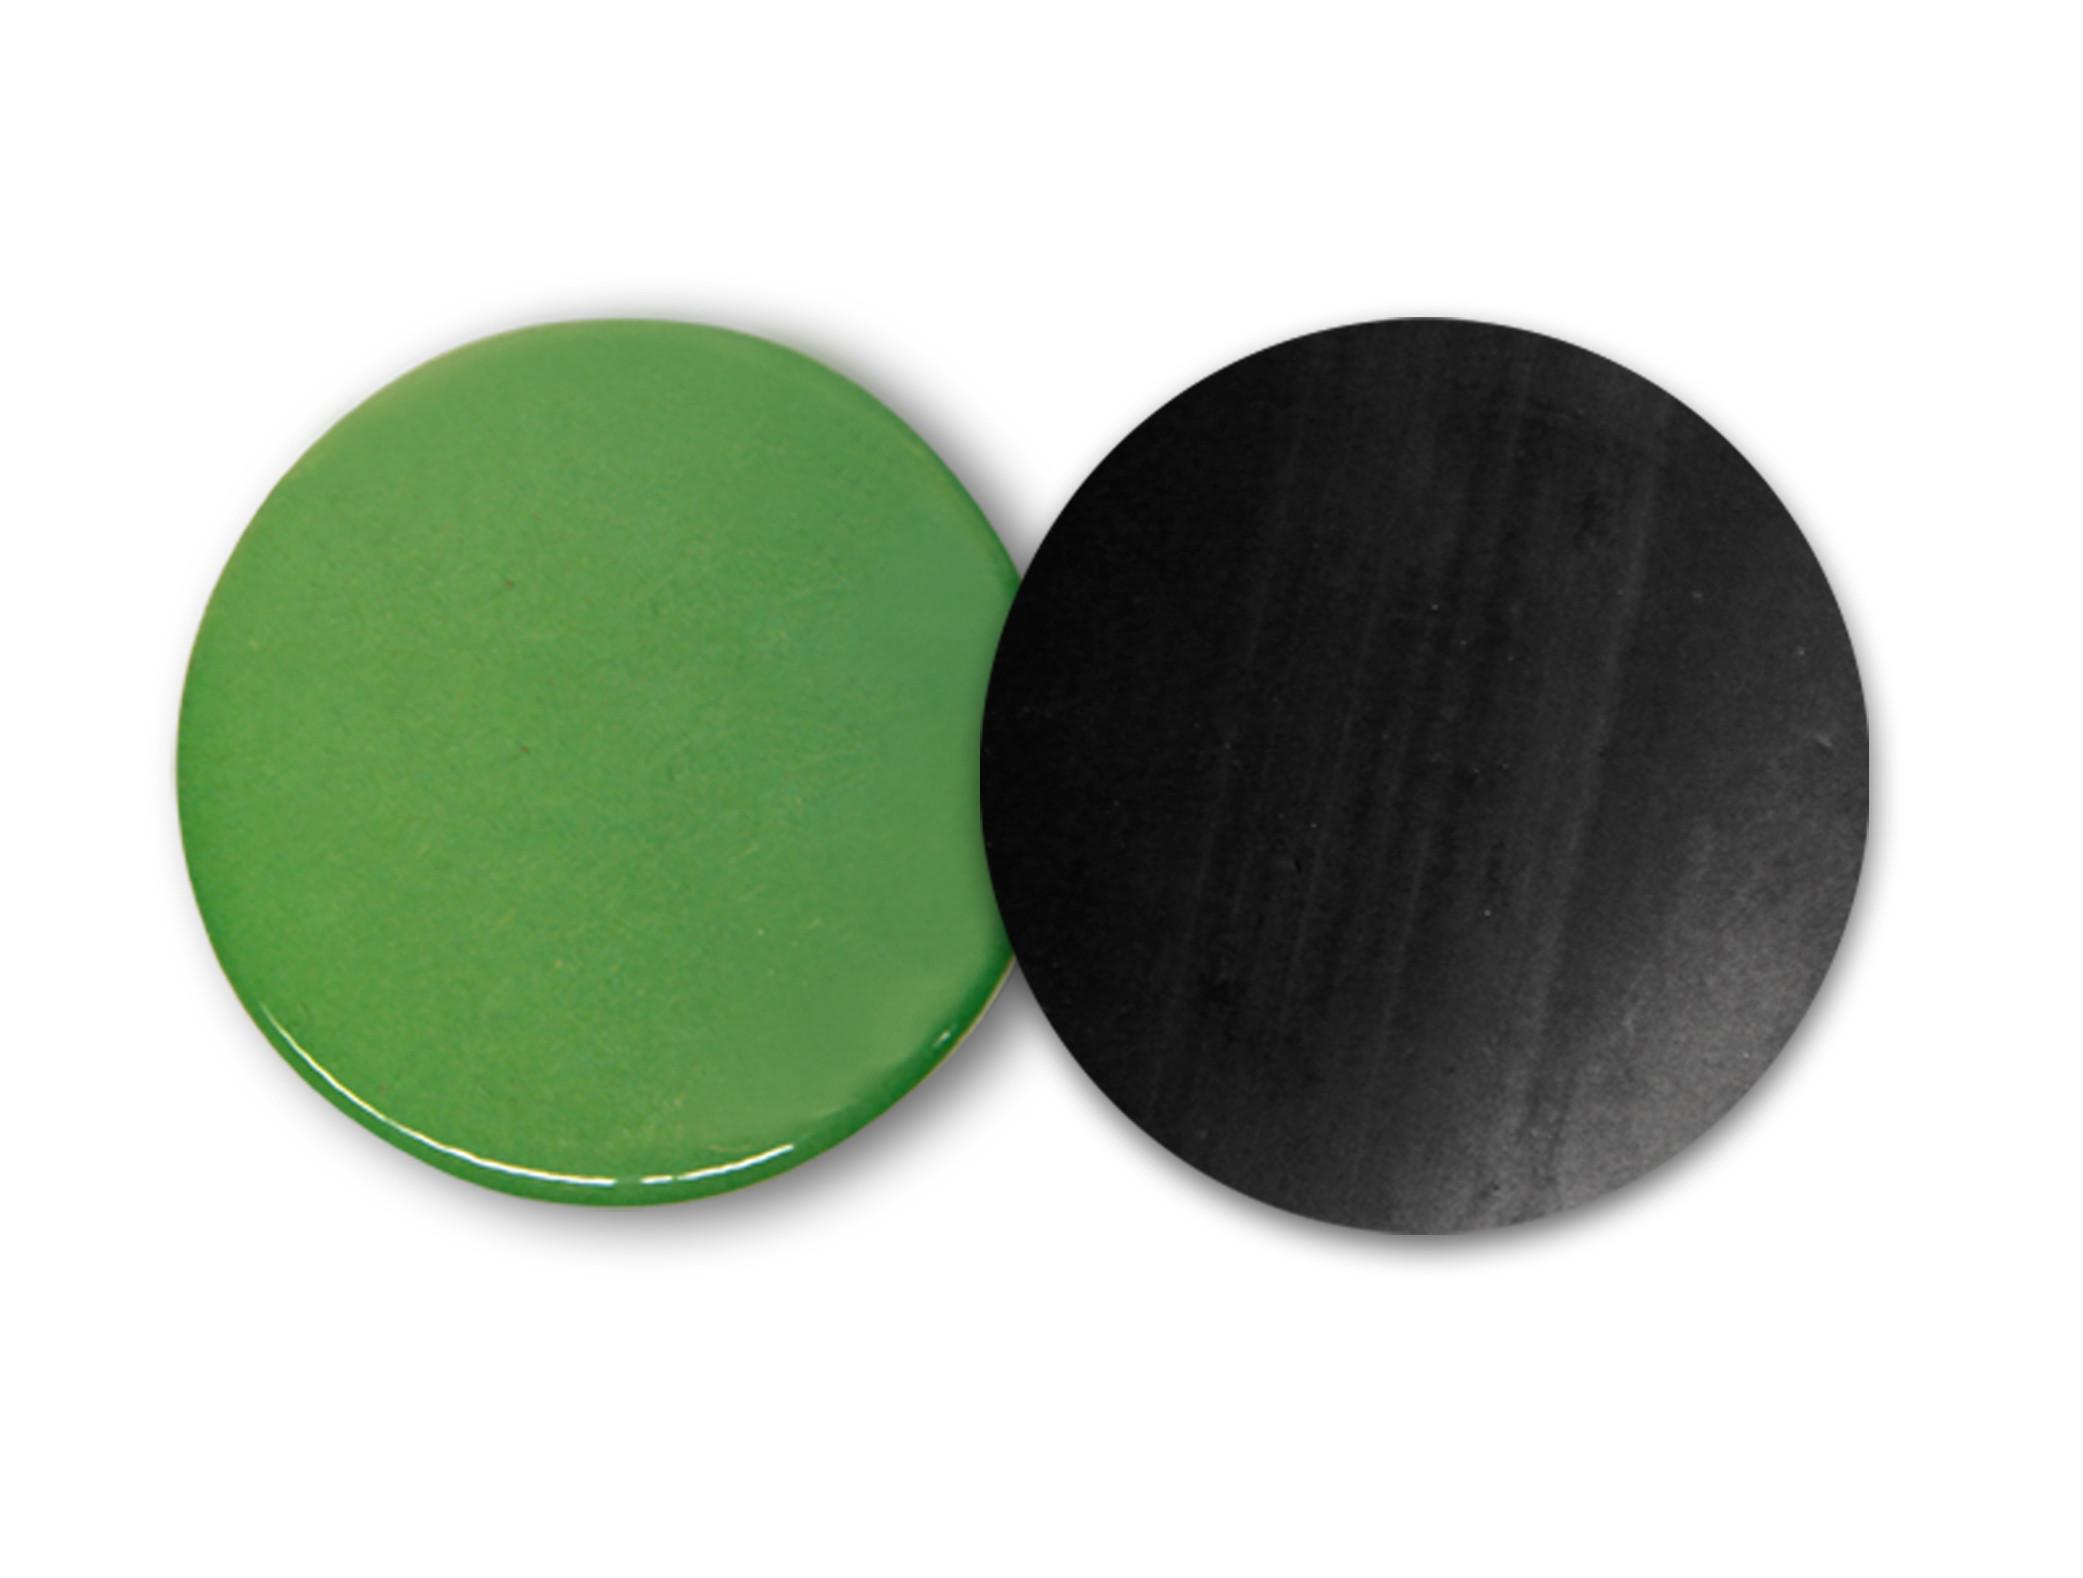 24mm Fertigbutton mit Klebemagnet